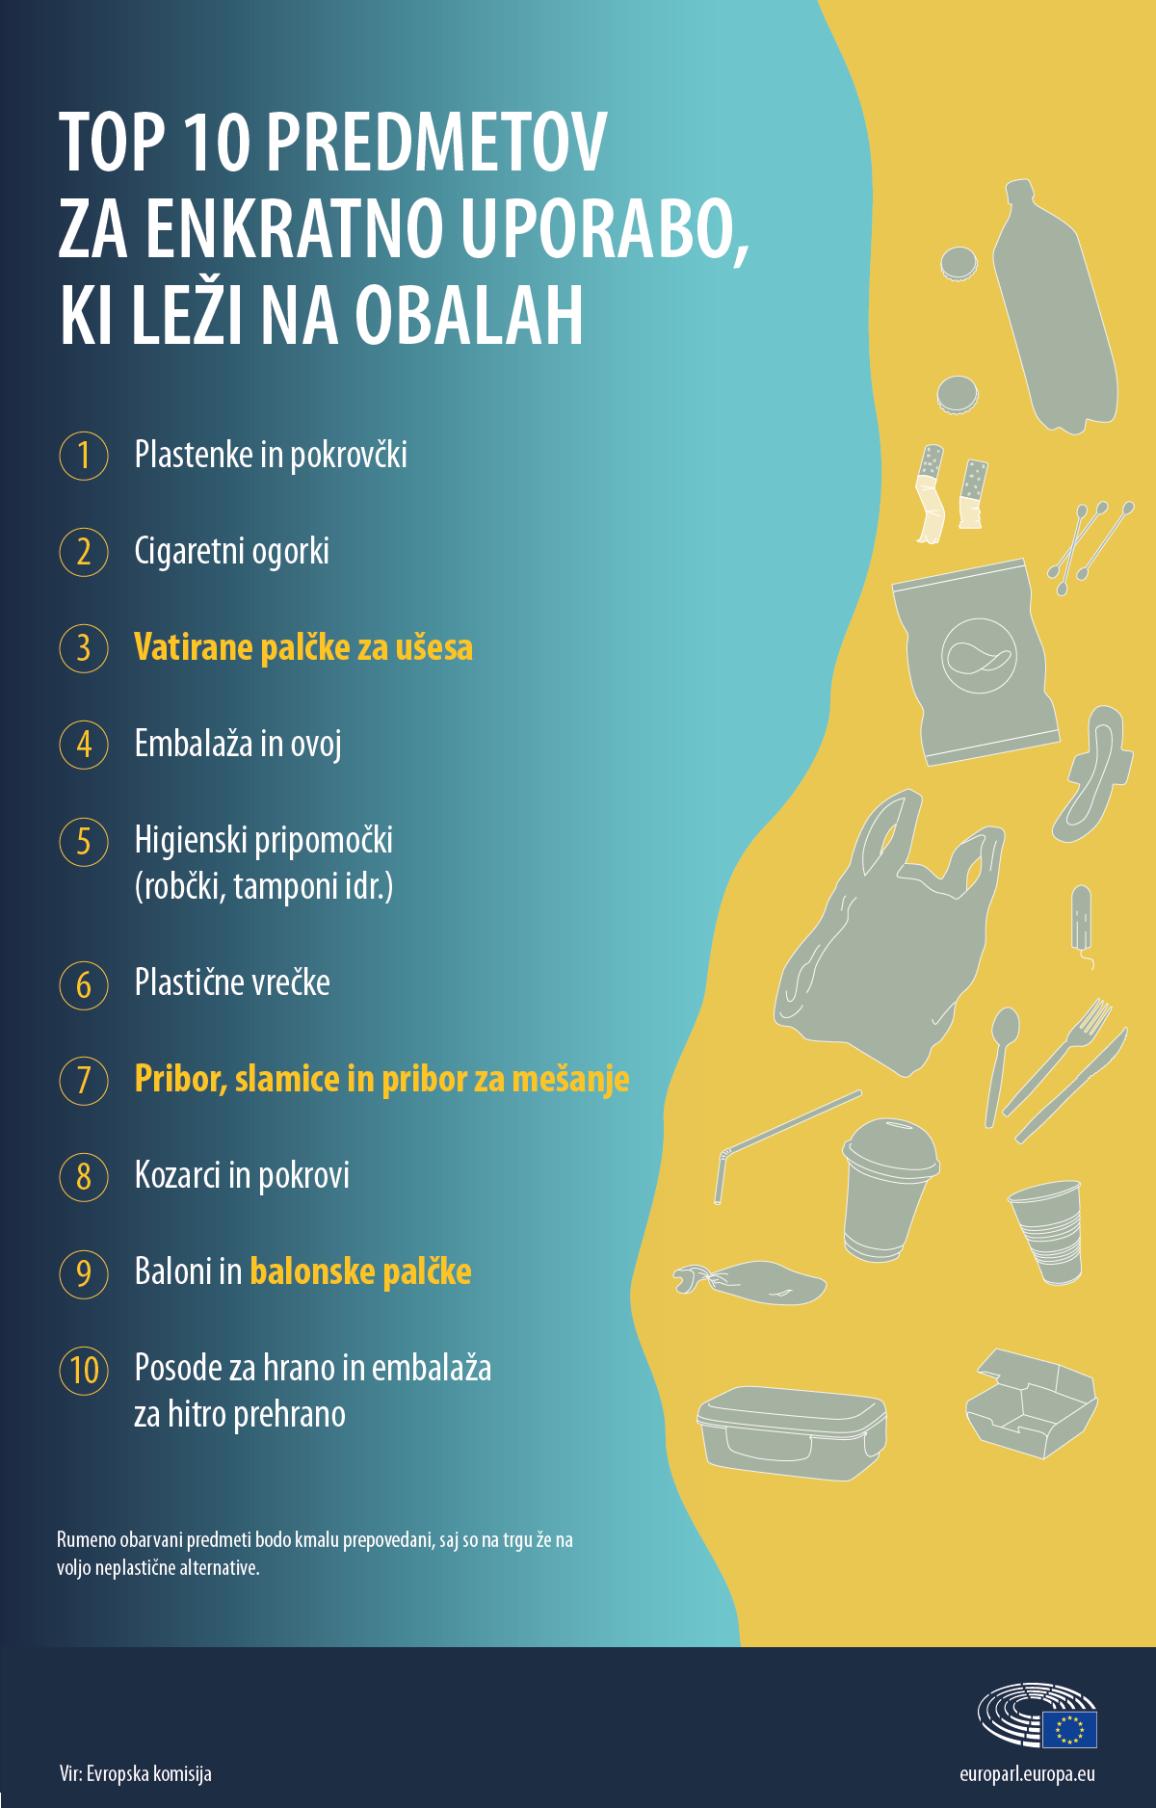 Seznam desetih plastičnih proizvodov za enkratno uporabo, ki jih je mogoče najpogosteje najti na plažah